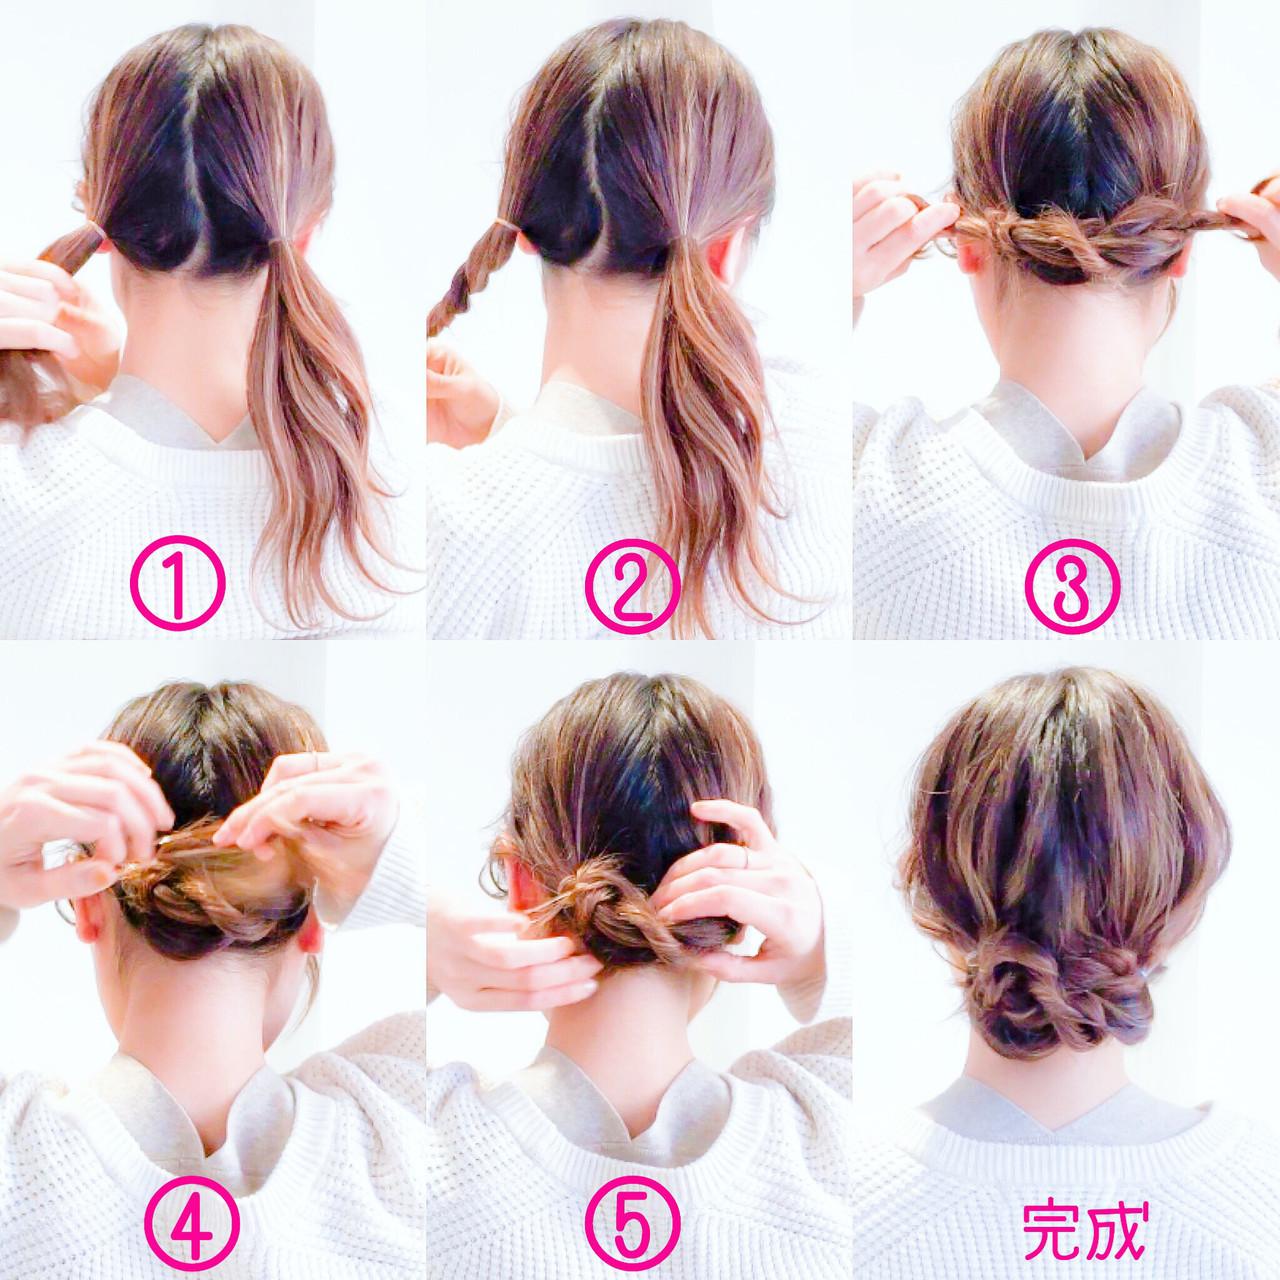 デート エレガント ヘアアレンジ セミロング ヘアスタイルや髪型の写真・画像